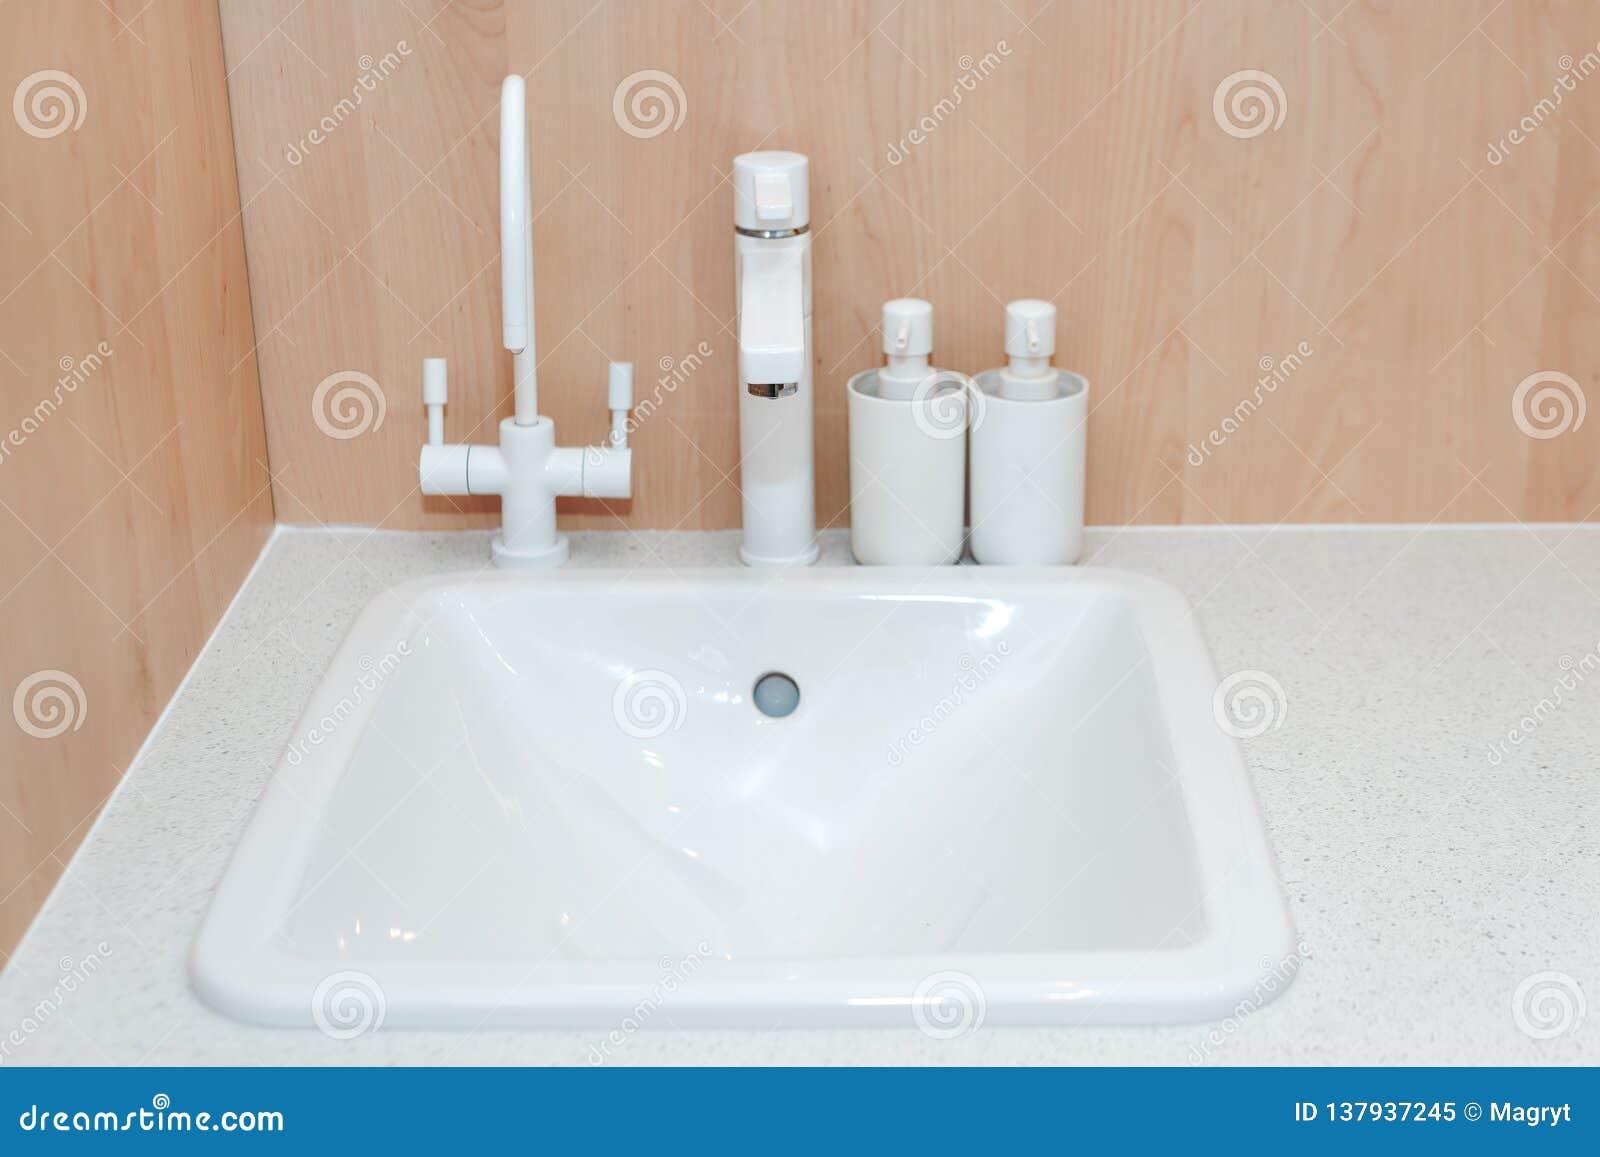 Nowożytny kuchenny biały faucet i ceramiczny kuchenny zlew Minimalistyczni łazienki wnętrza szczegóły